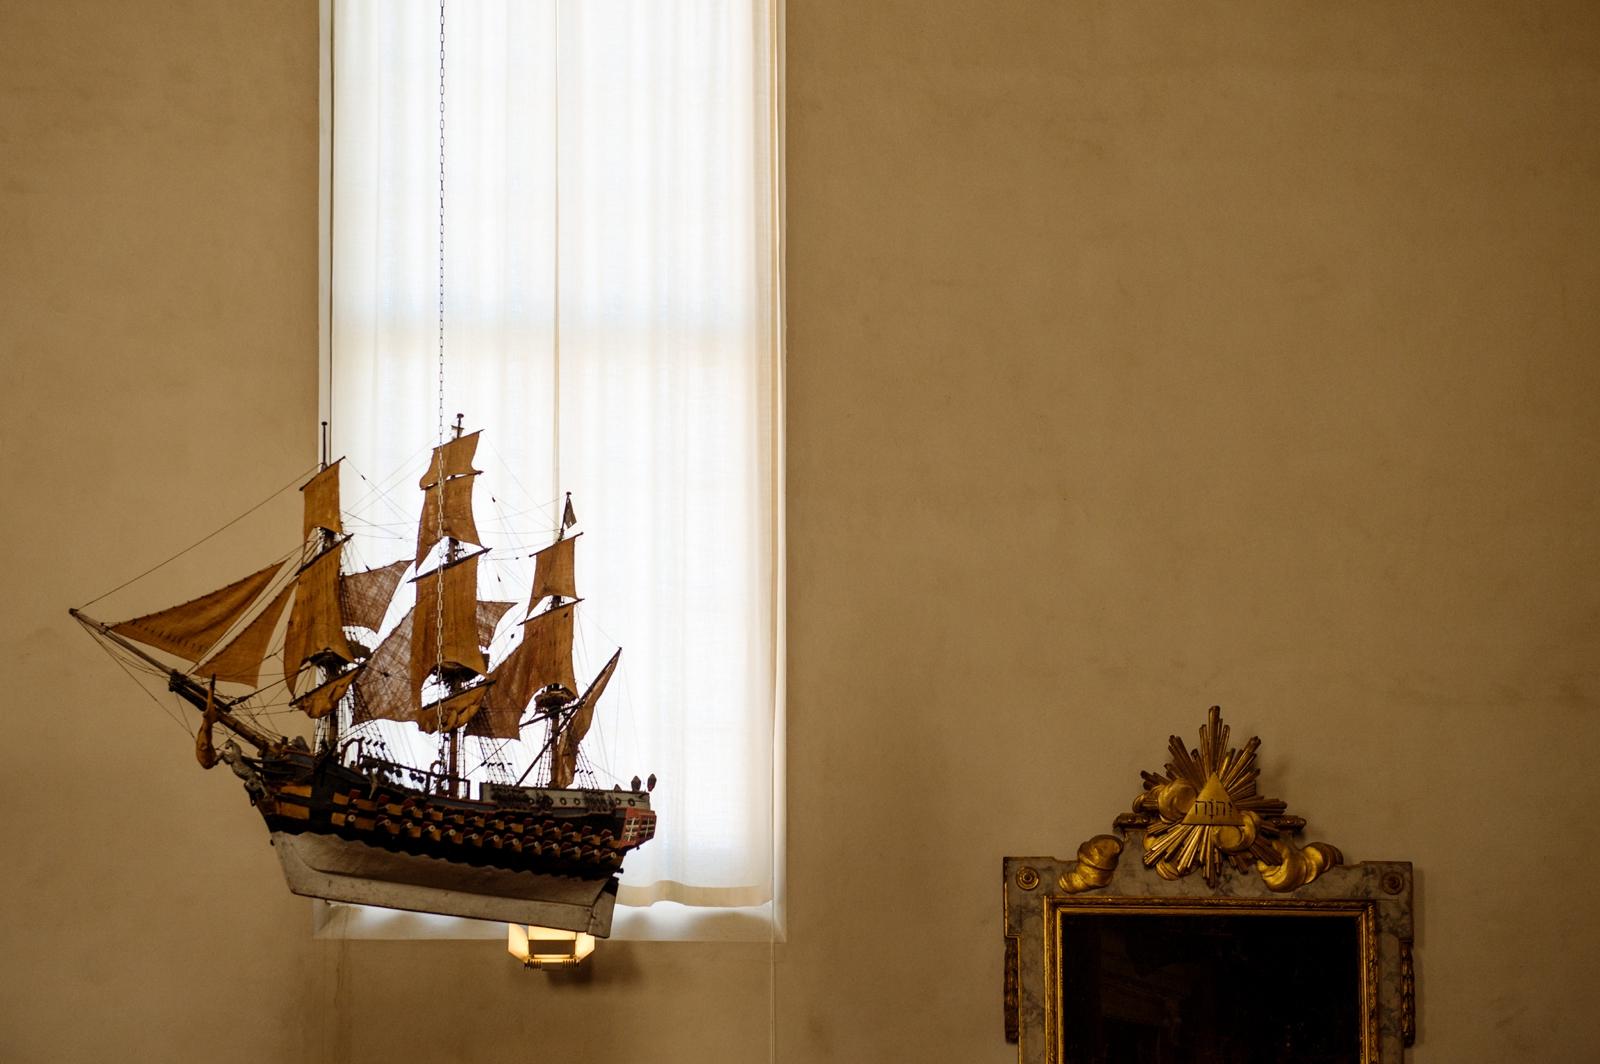 Hanging ship